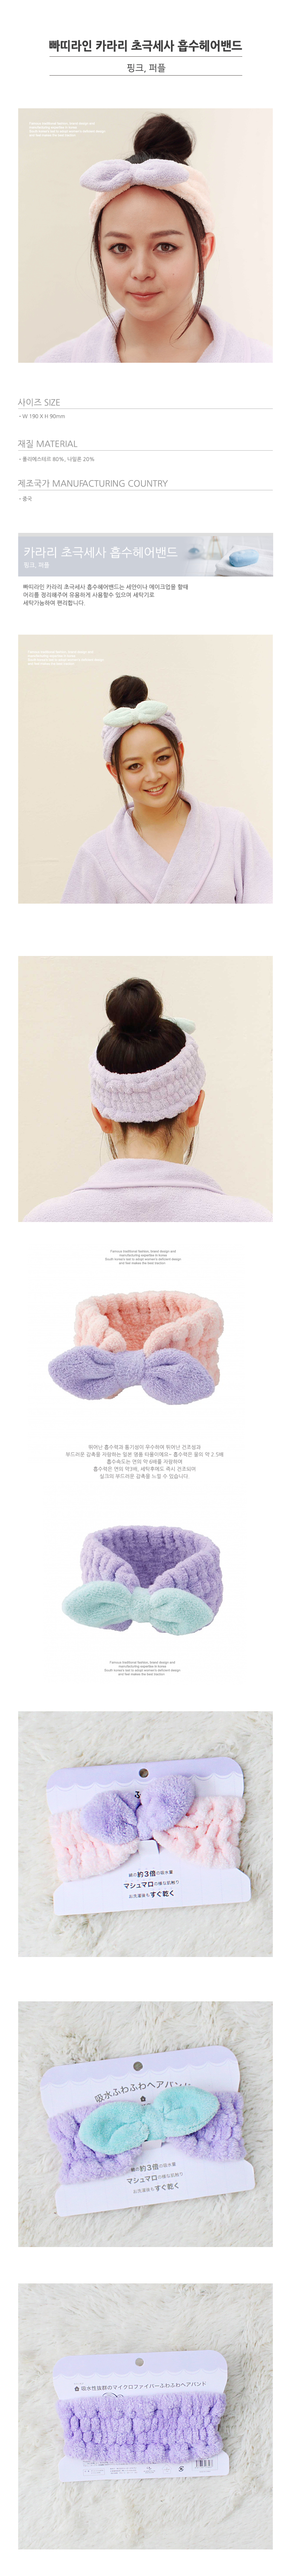 빠띠라인 카라리 초극세사 헤어밴드 - 빠띠빠띠, 7,500원, 클렌징, 클렌징도구/소품